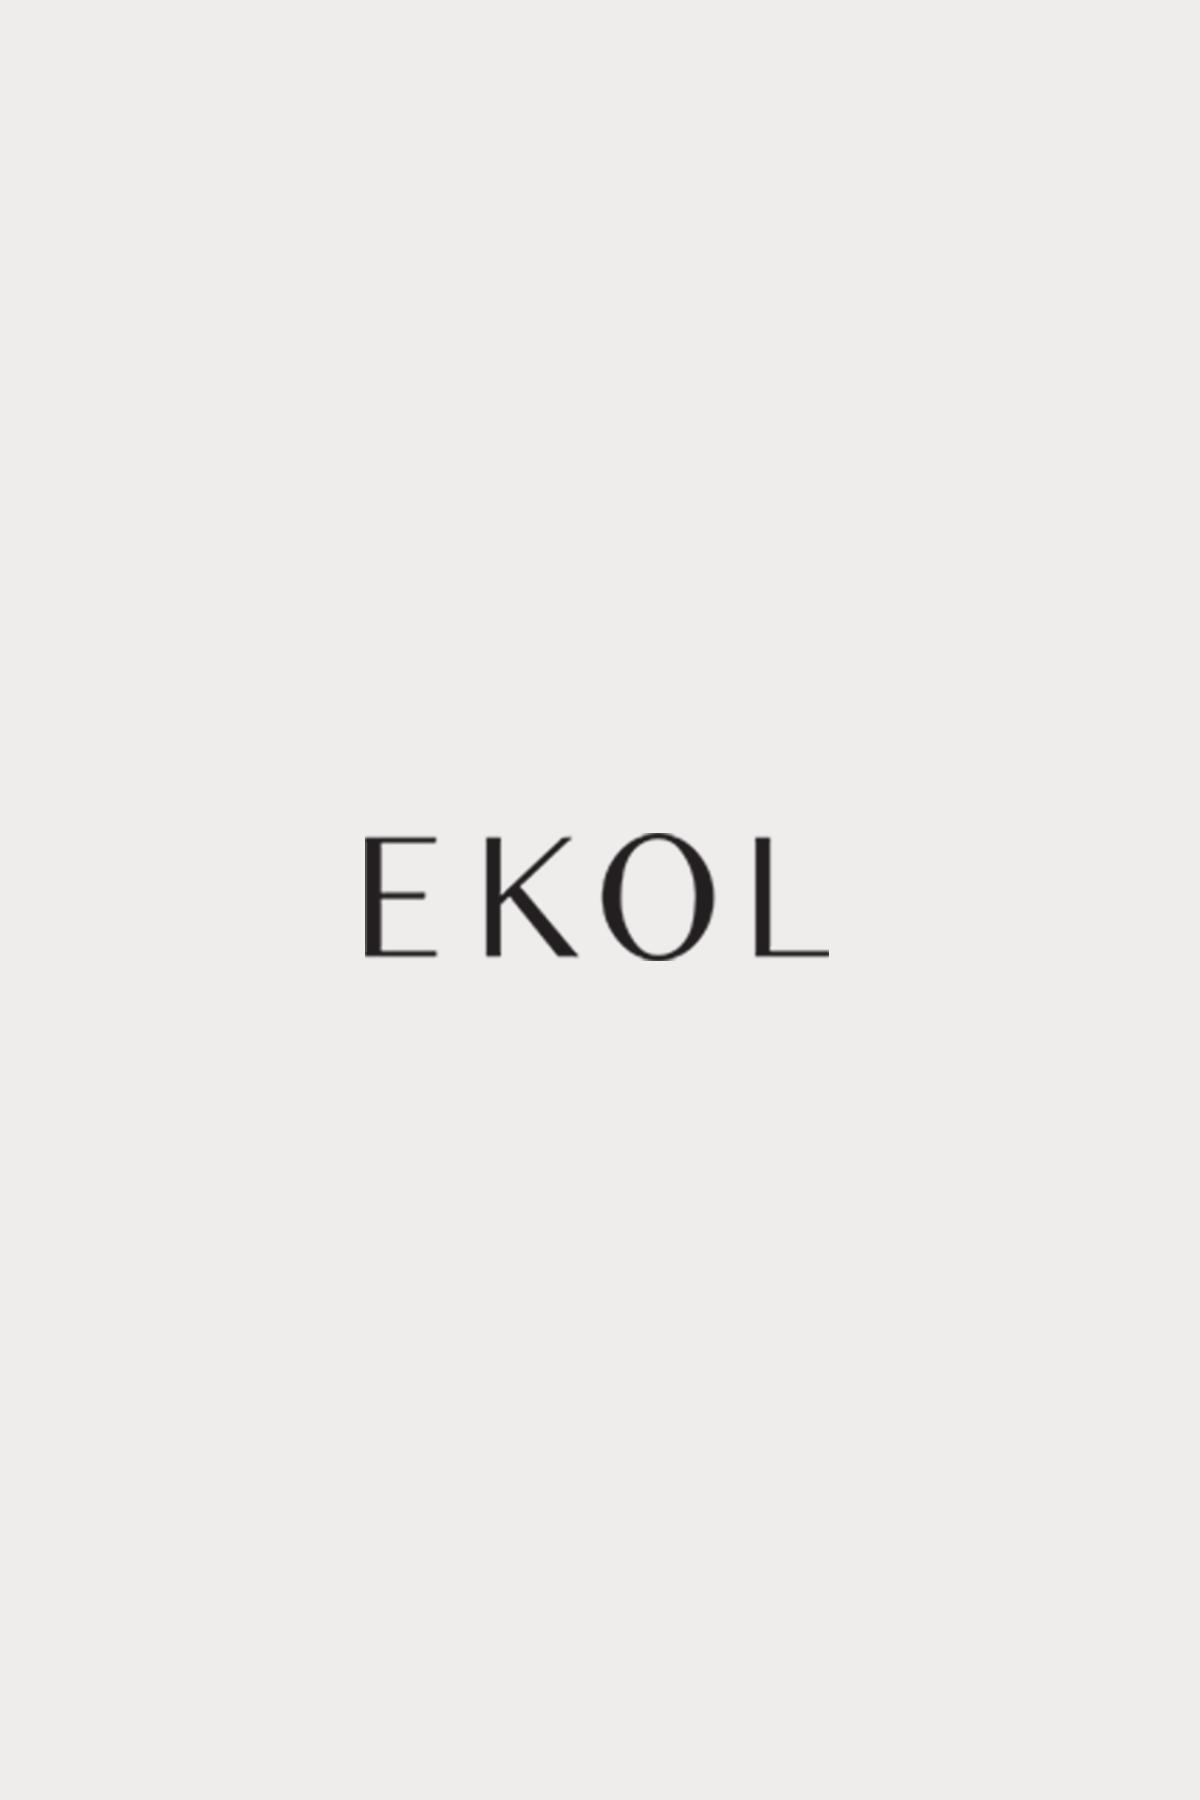 b3c744dd97c12 Ekol Çiçek Desenli Düğmeli Elbise Ekol Çiçek Desenli Düğmeli Elbise